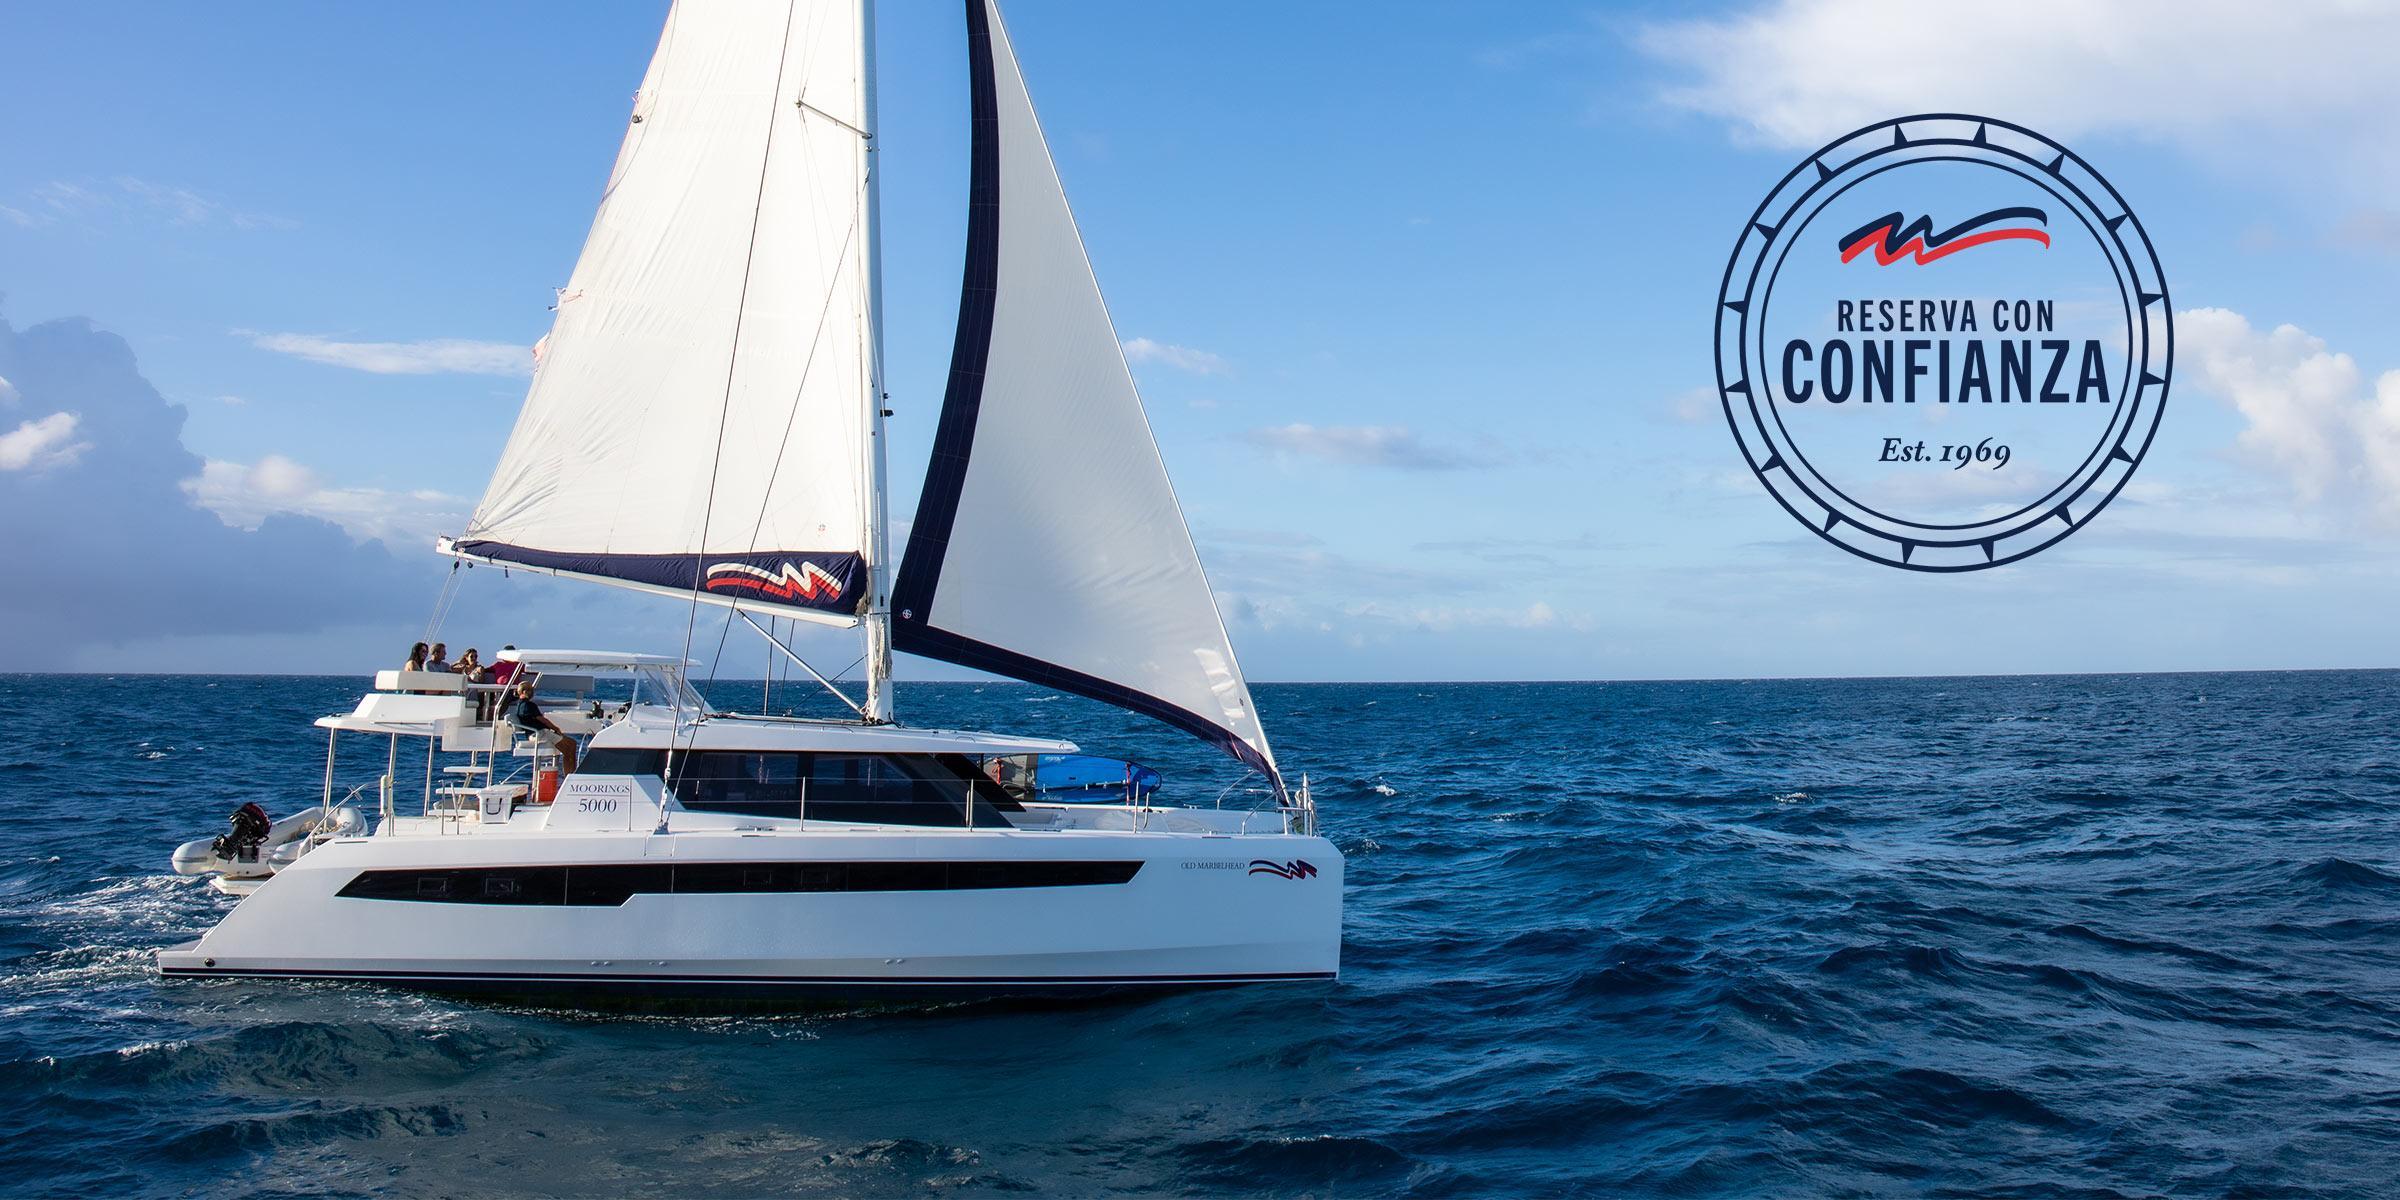 Reserva con Confianza - Moorings 5000 navegando